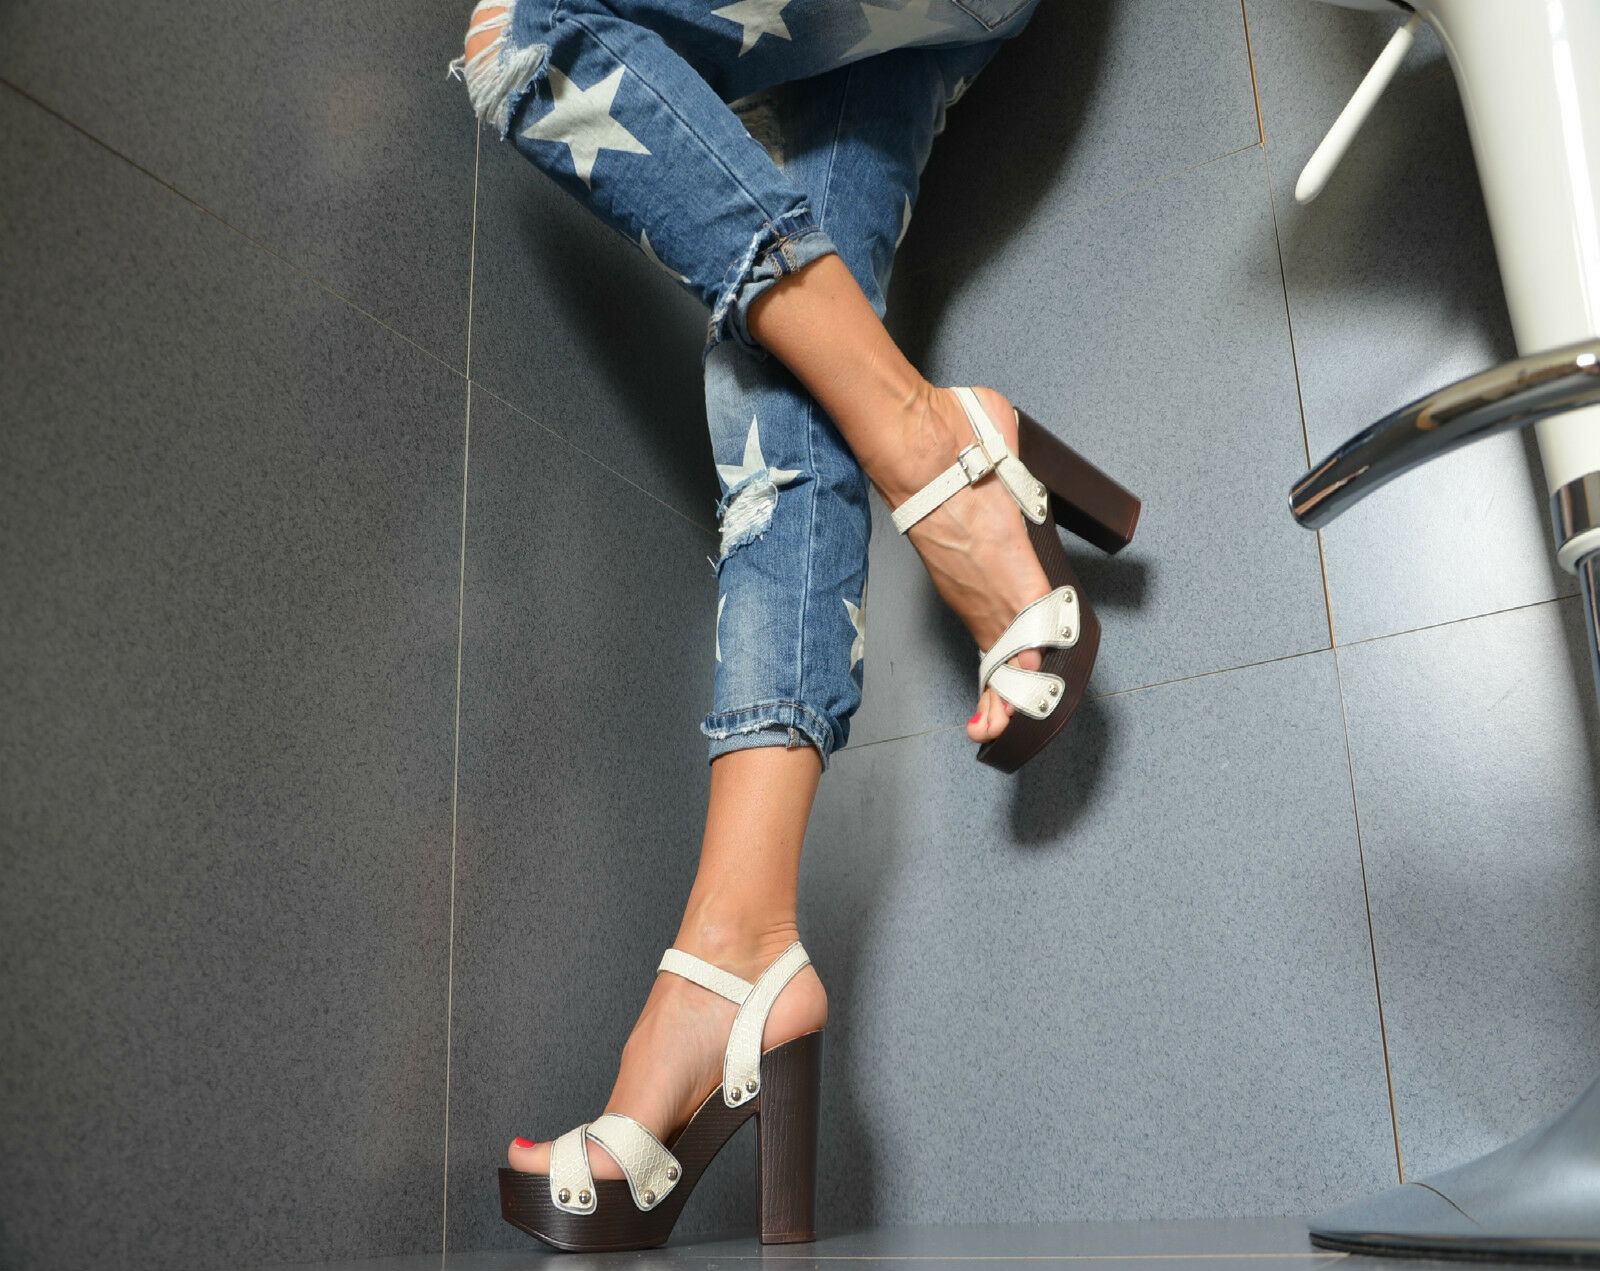 lujo Sexy Zapatos de mujer tacones altos Sandalias PEEP TOE holzoptikabsat<wbr/>z